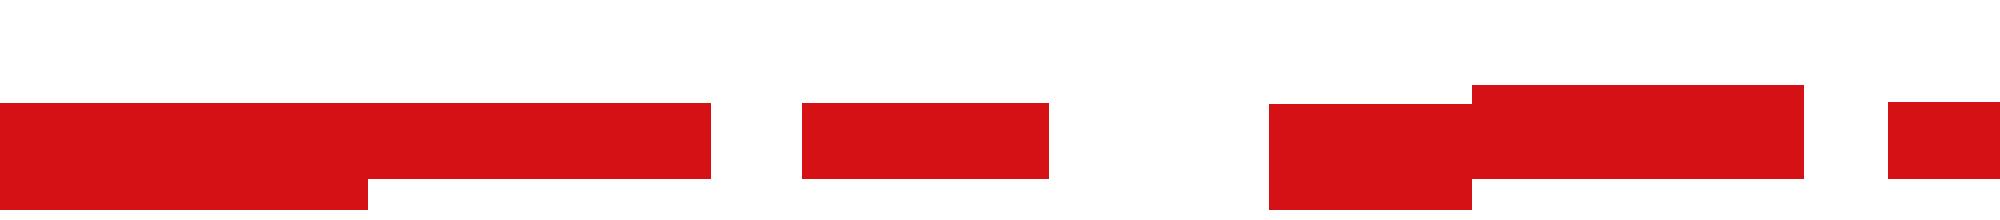 Mobilier Tolix | Meuble Tolix design et industriel | Persona Grata